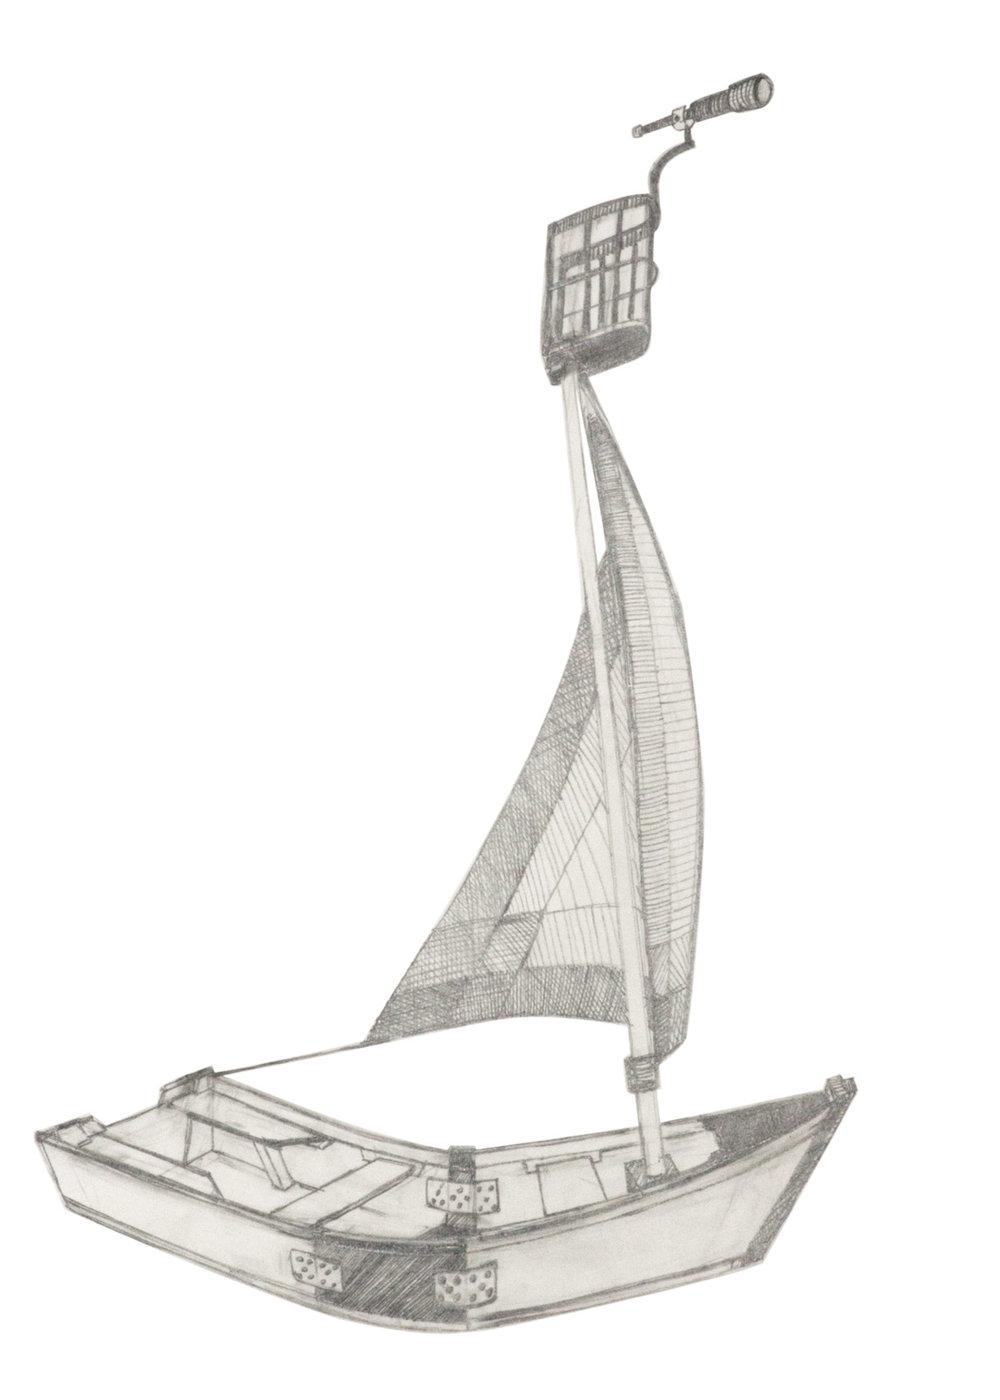 L'Île-de-Montréal, ébauche détaillée, mine de plomb sur papier, 2016